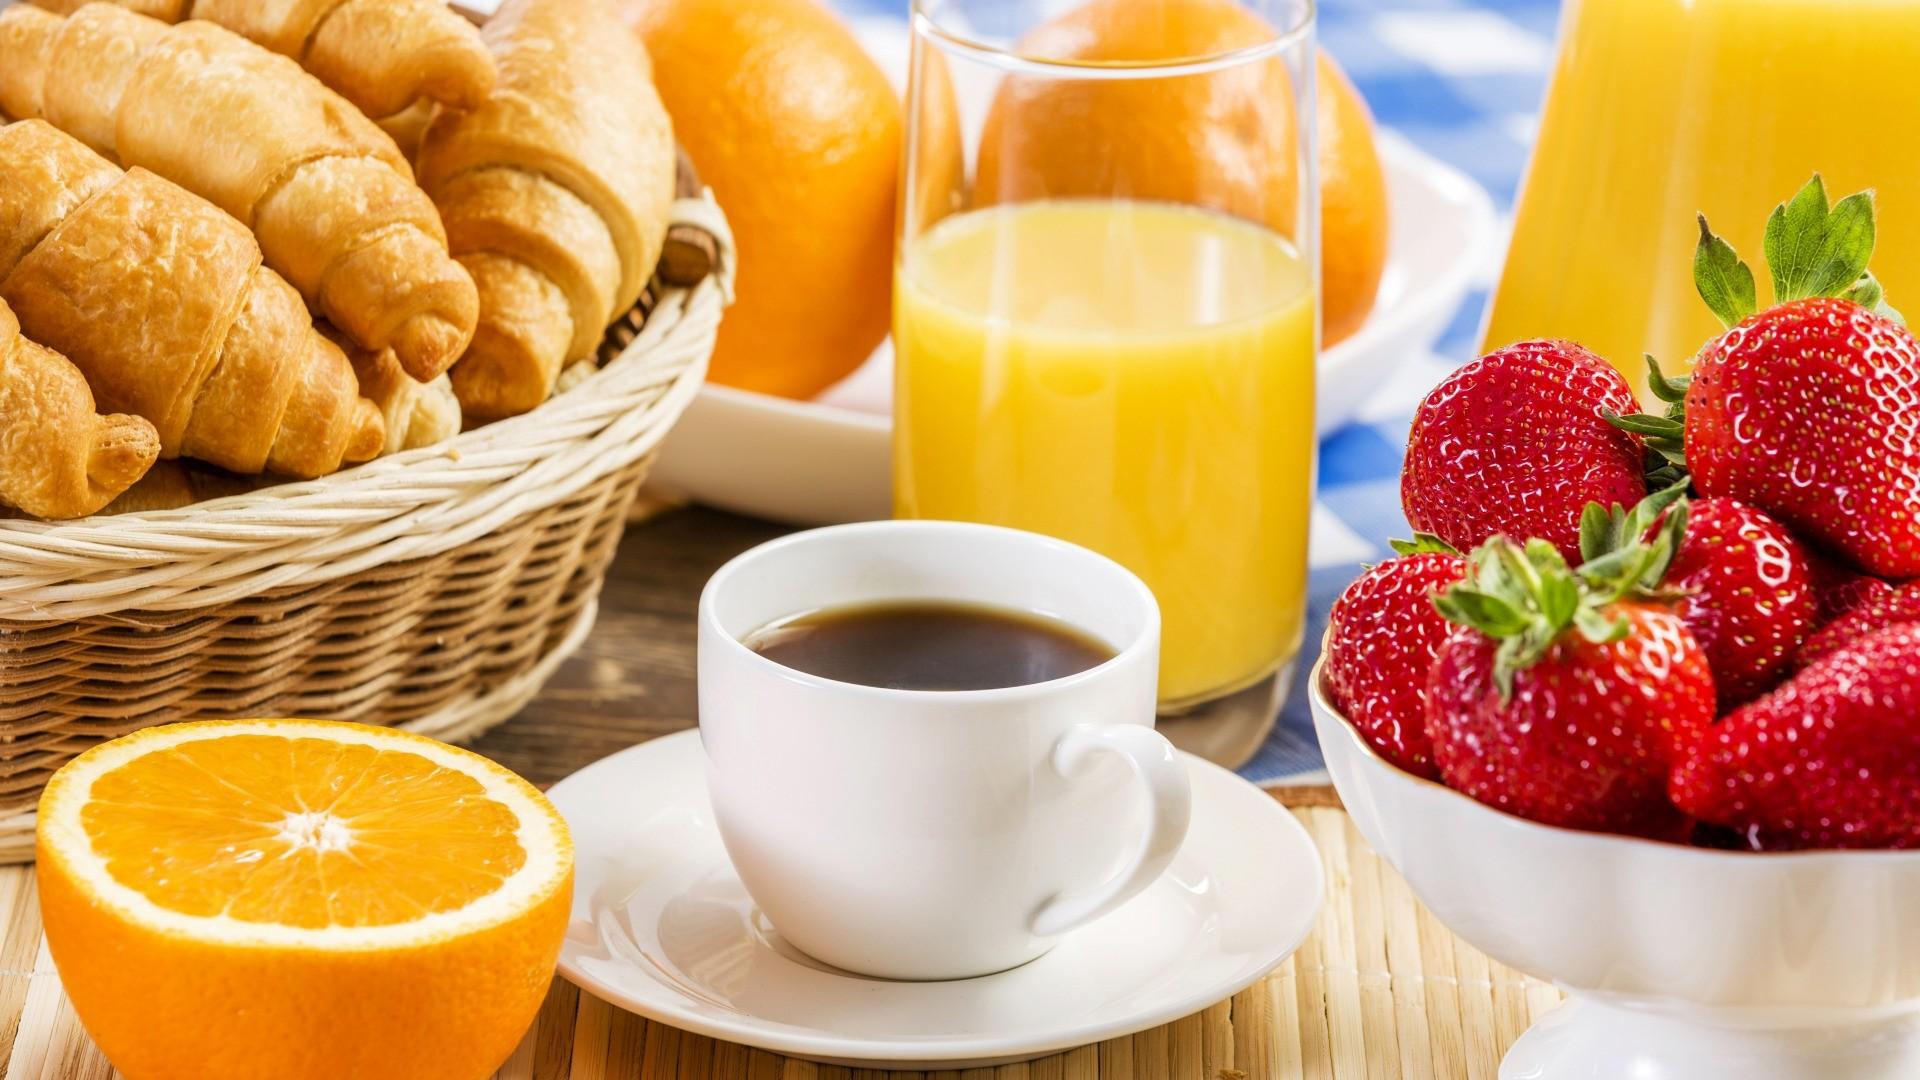 Breakfast wallpaper photo hd